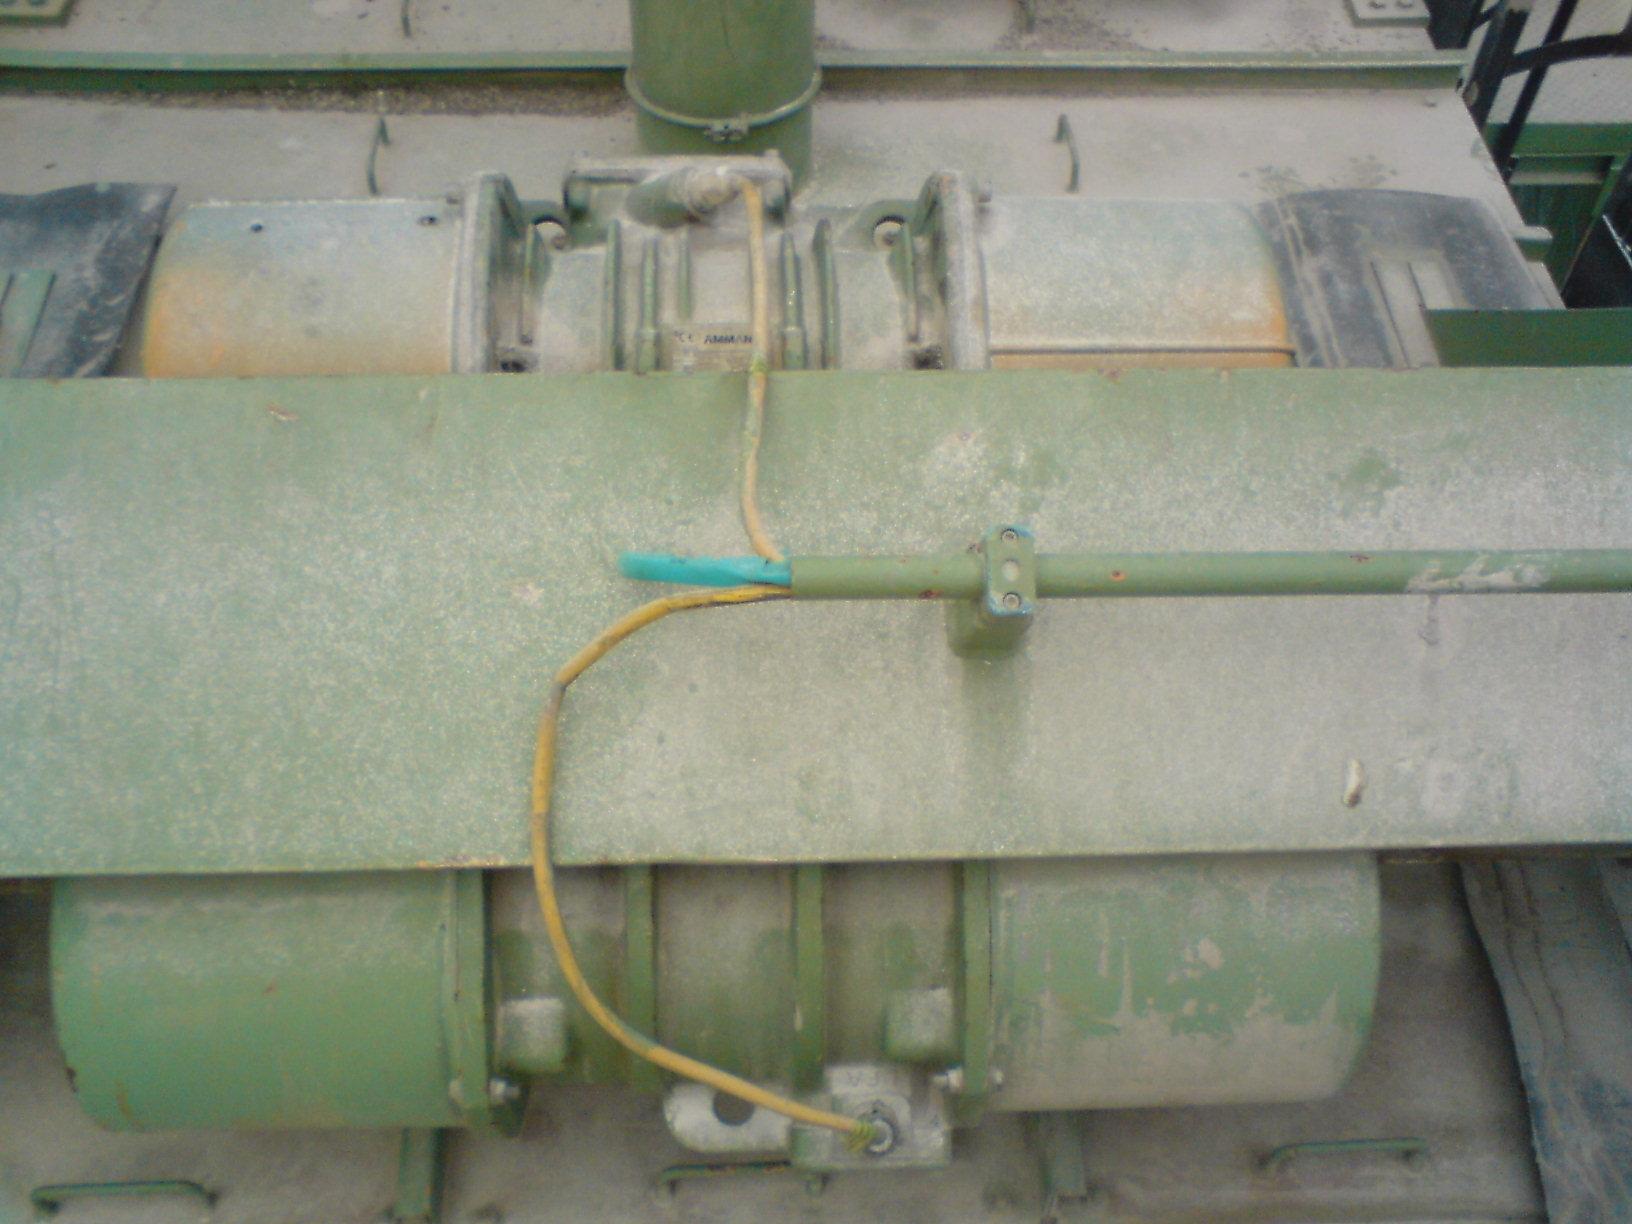 Przesiewacz do piachu-wymiana silnika 11kW na 3* 4kW